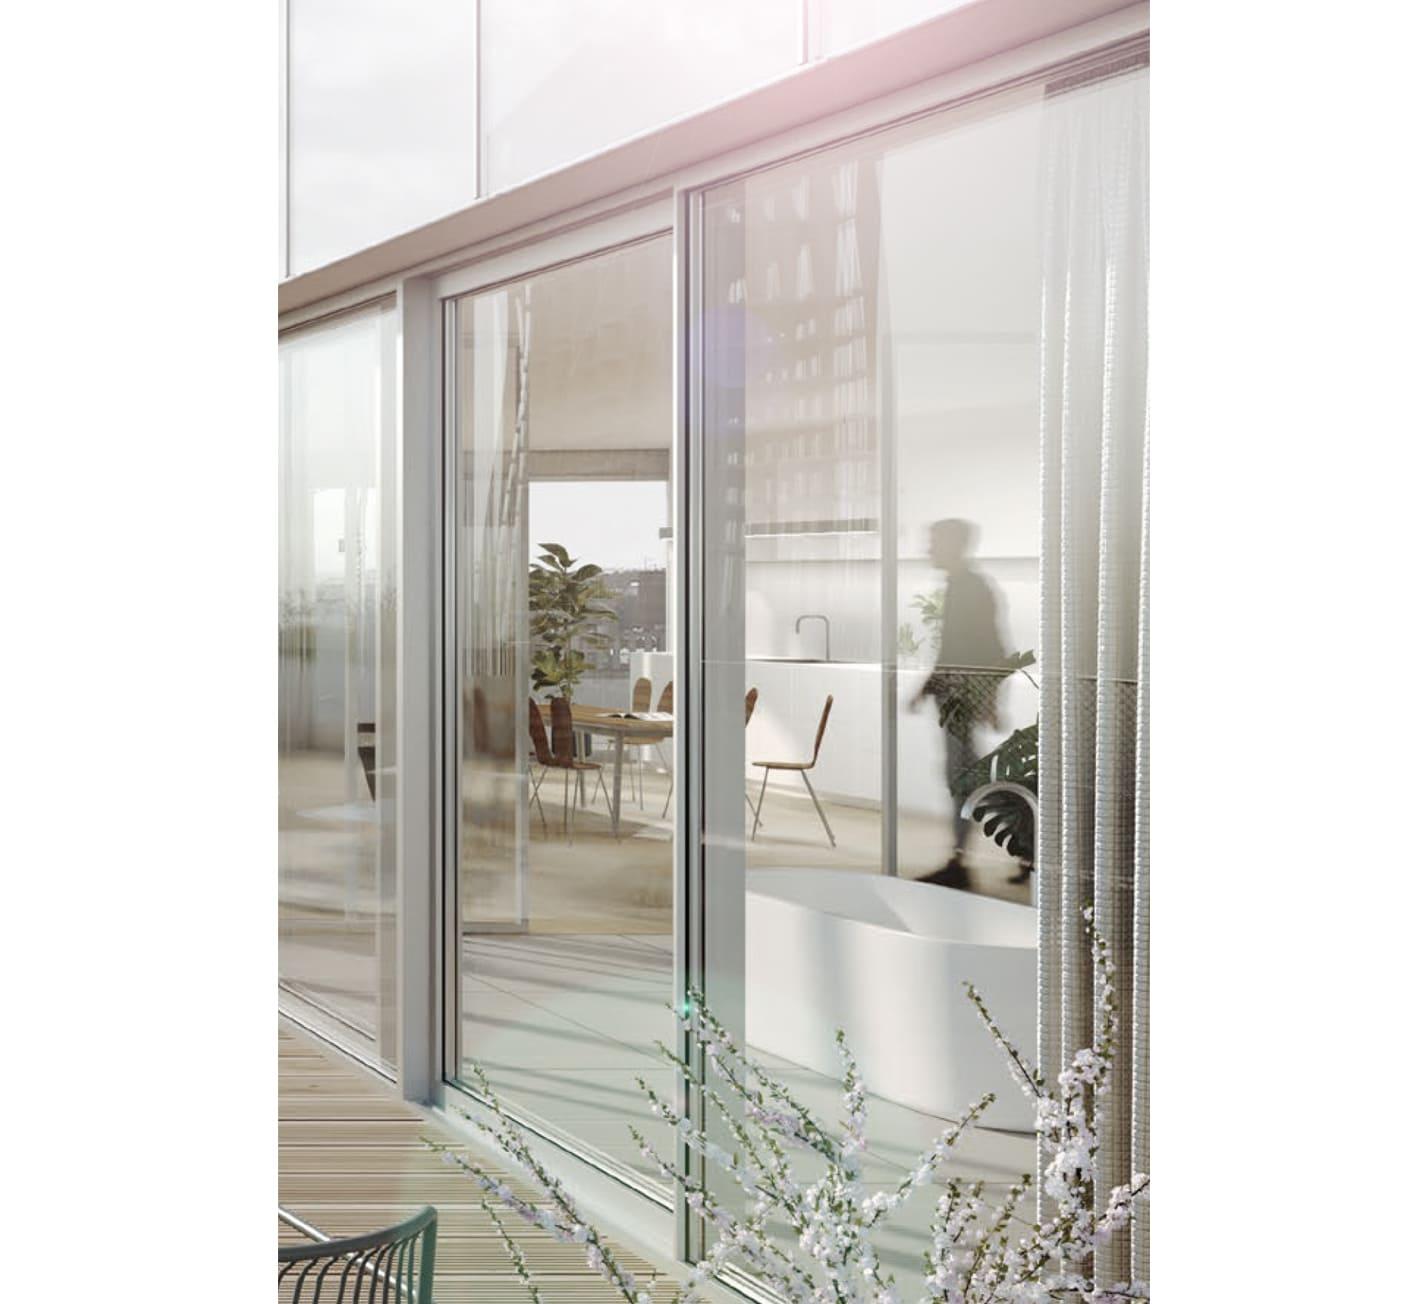 B1A5-logements-concours-architecture-paris-construction-atelier-steve-3D-03